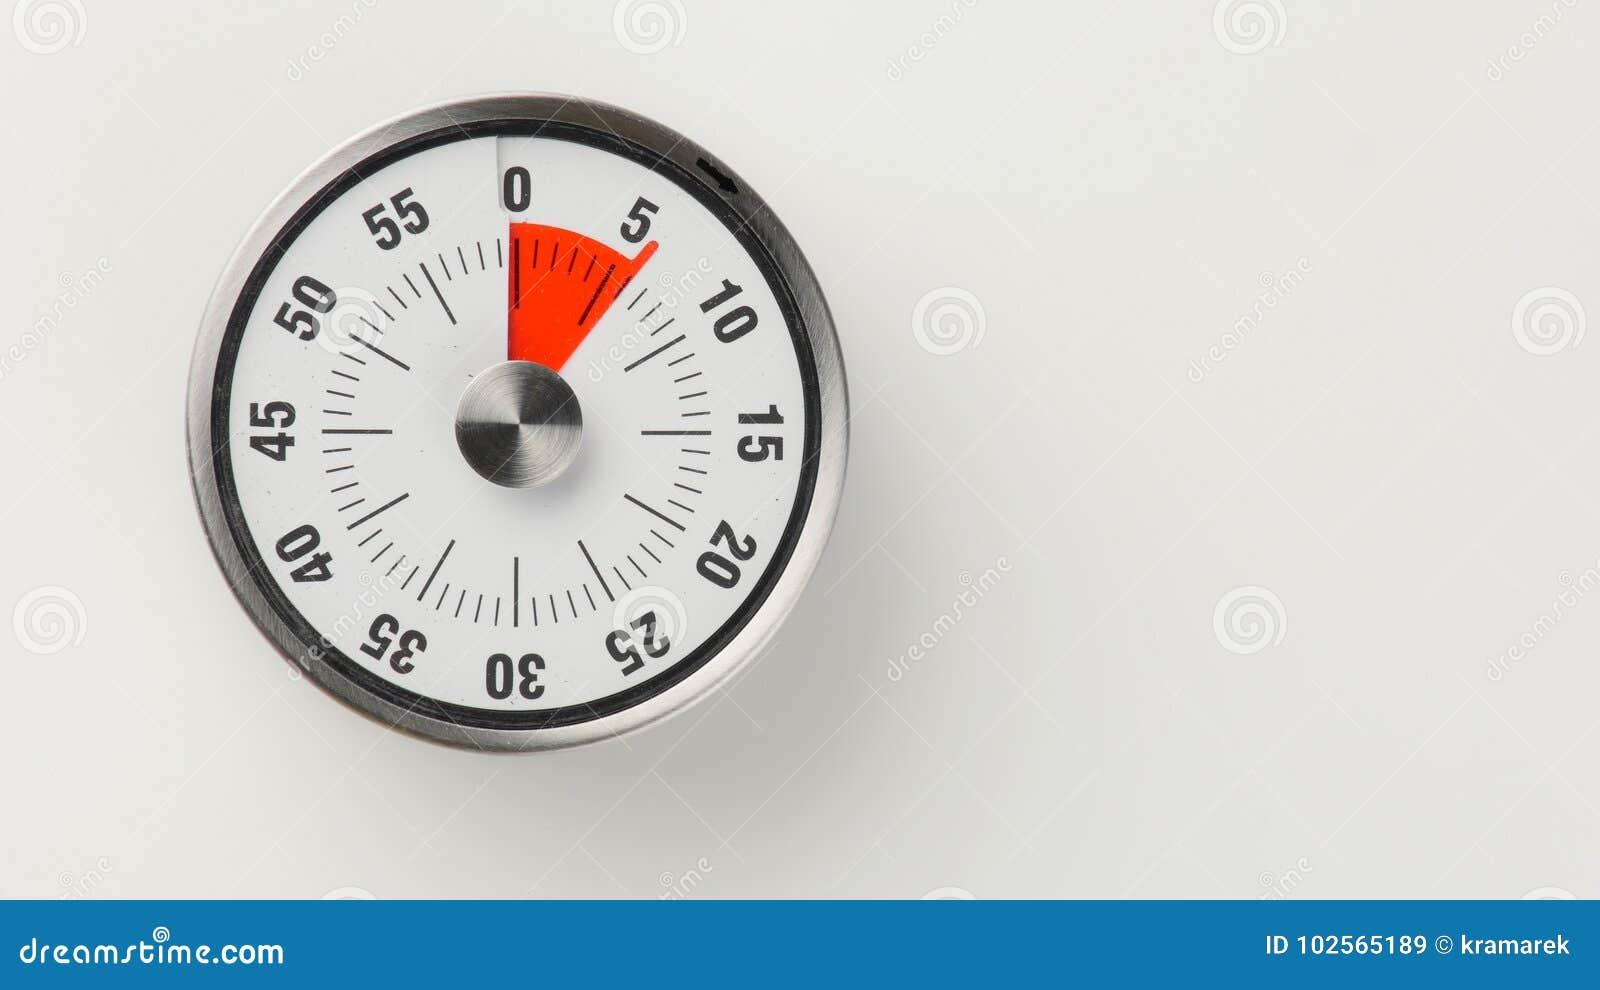 Εκλεκτής ποιότητας αναλογικό χρονόμετρο αντίστροφης μέτρησης κουζινών, παραμονή 6 λεπτών